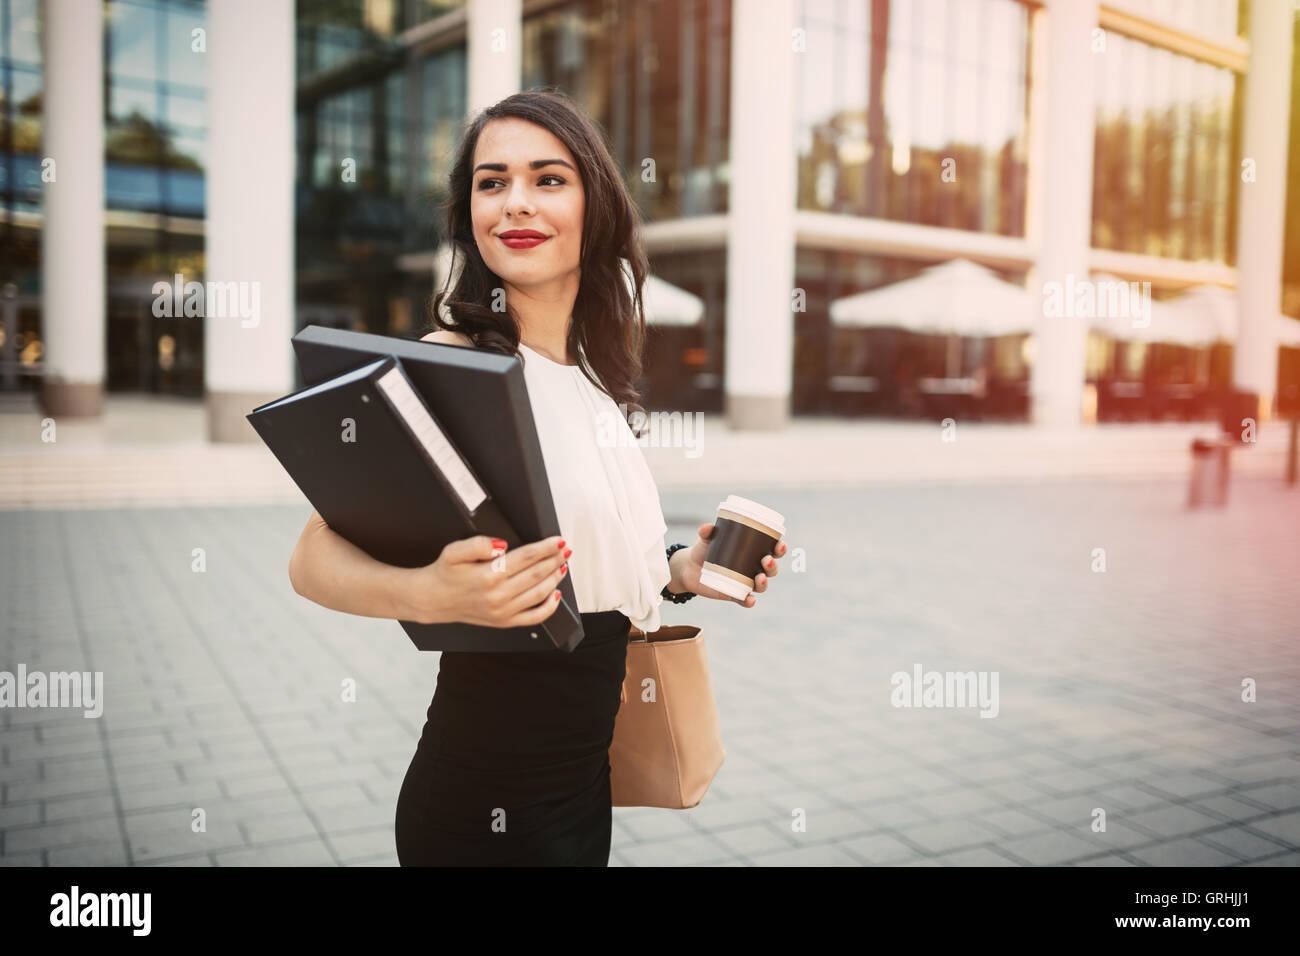 La empresaria va a trabajar con un café en la mano Foto de stock